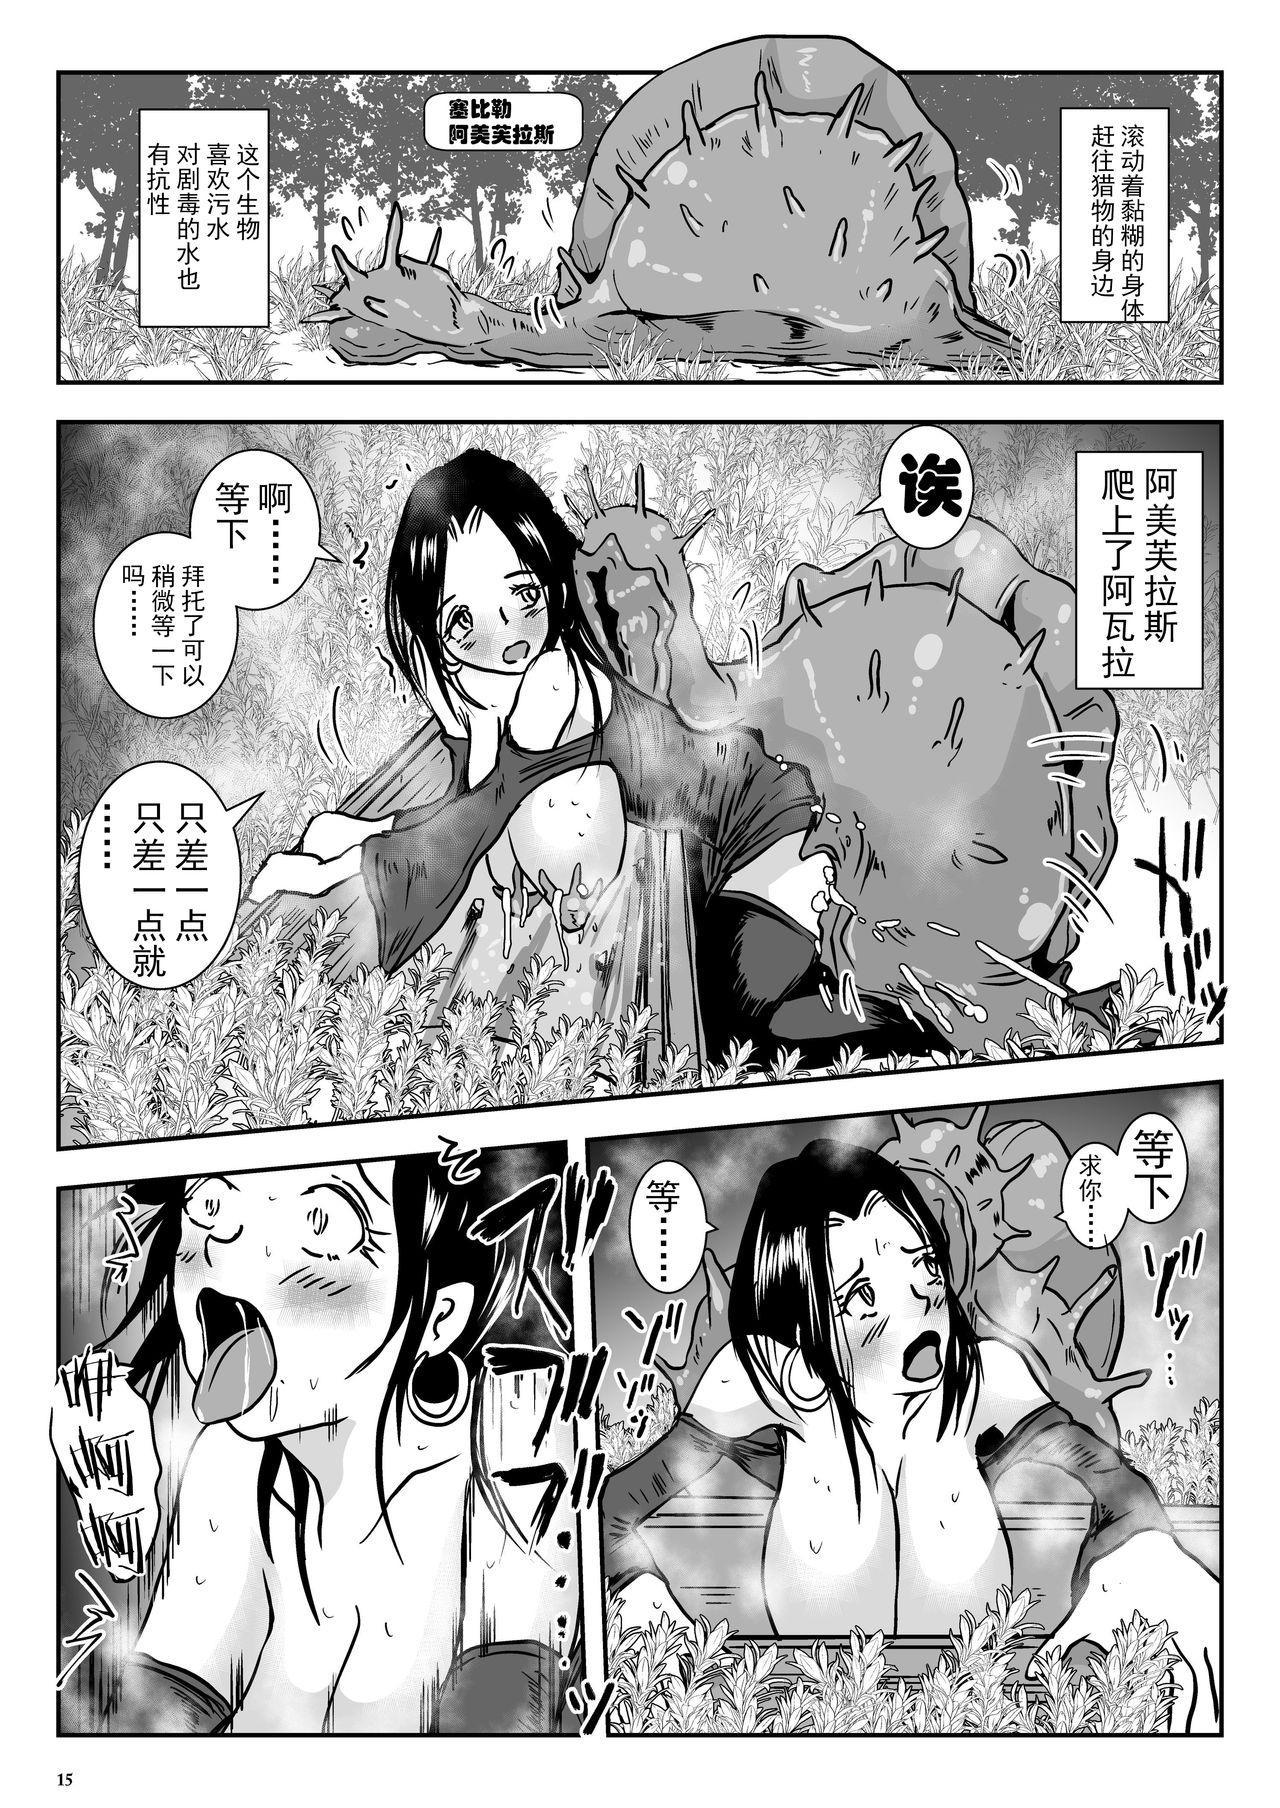 Chikubimushi - Nippleworm 14